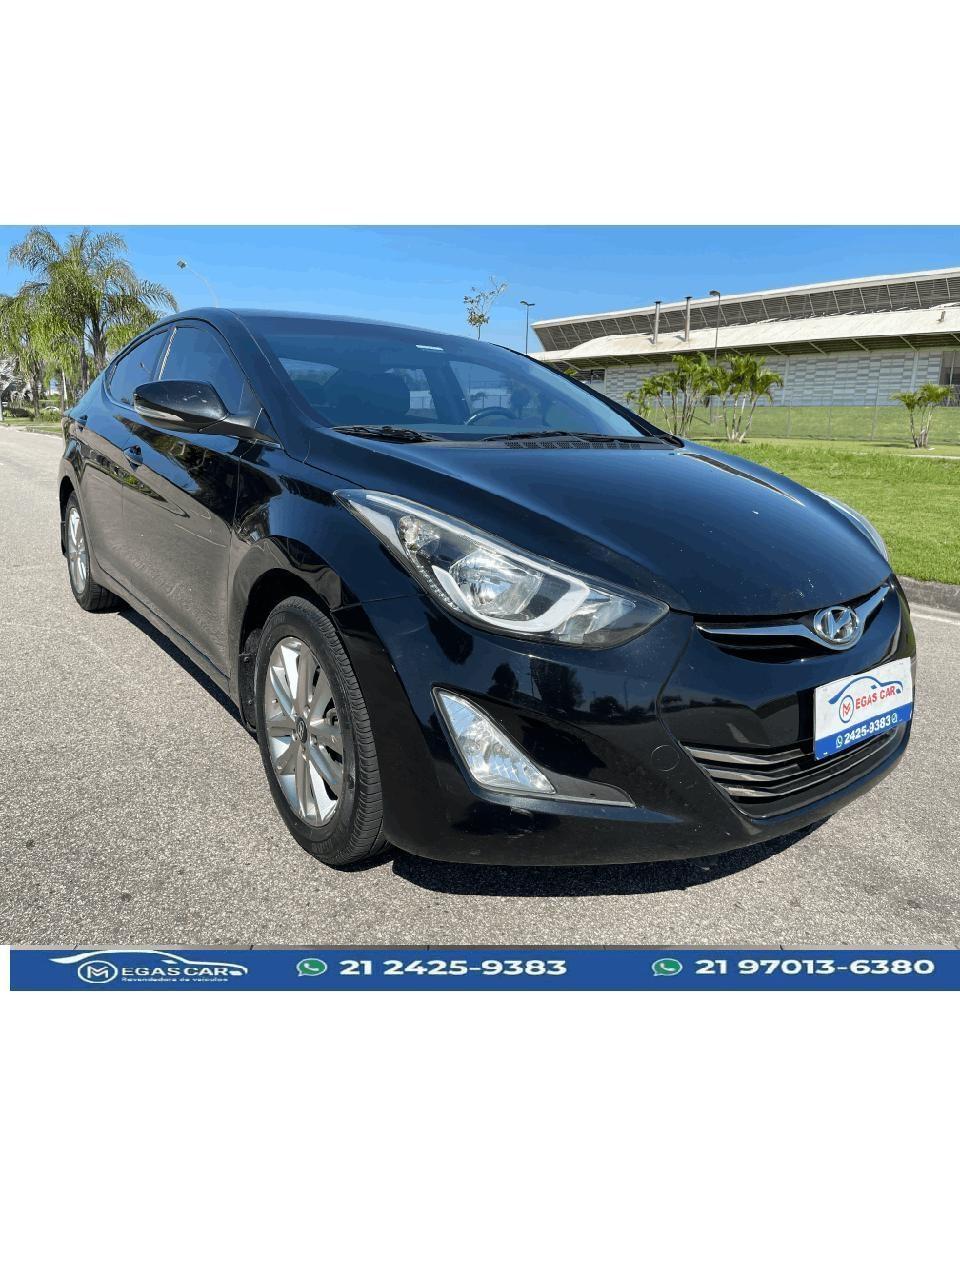 //www.autoline.com.br/carro/hyundai/elantra-20-gls-16v-flex-4p-automatico/2015/rio-de-janeiro-rj/15489184